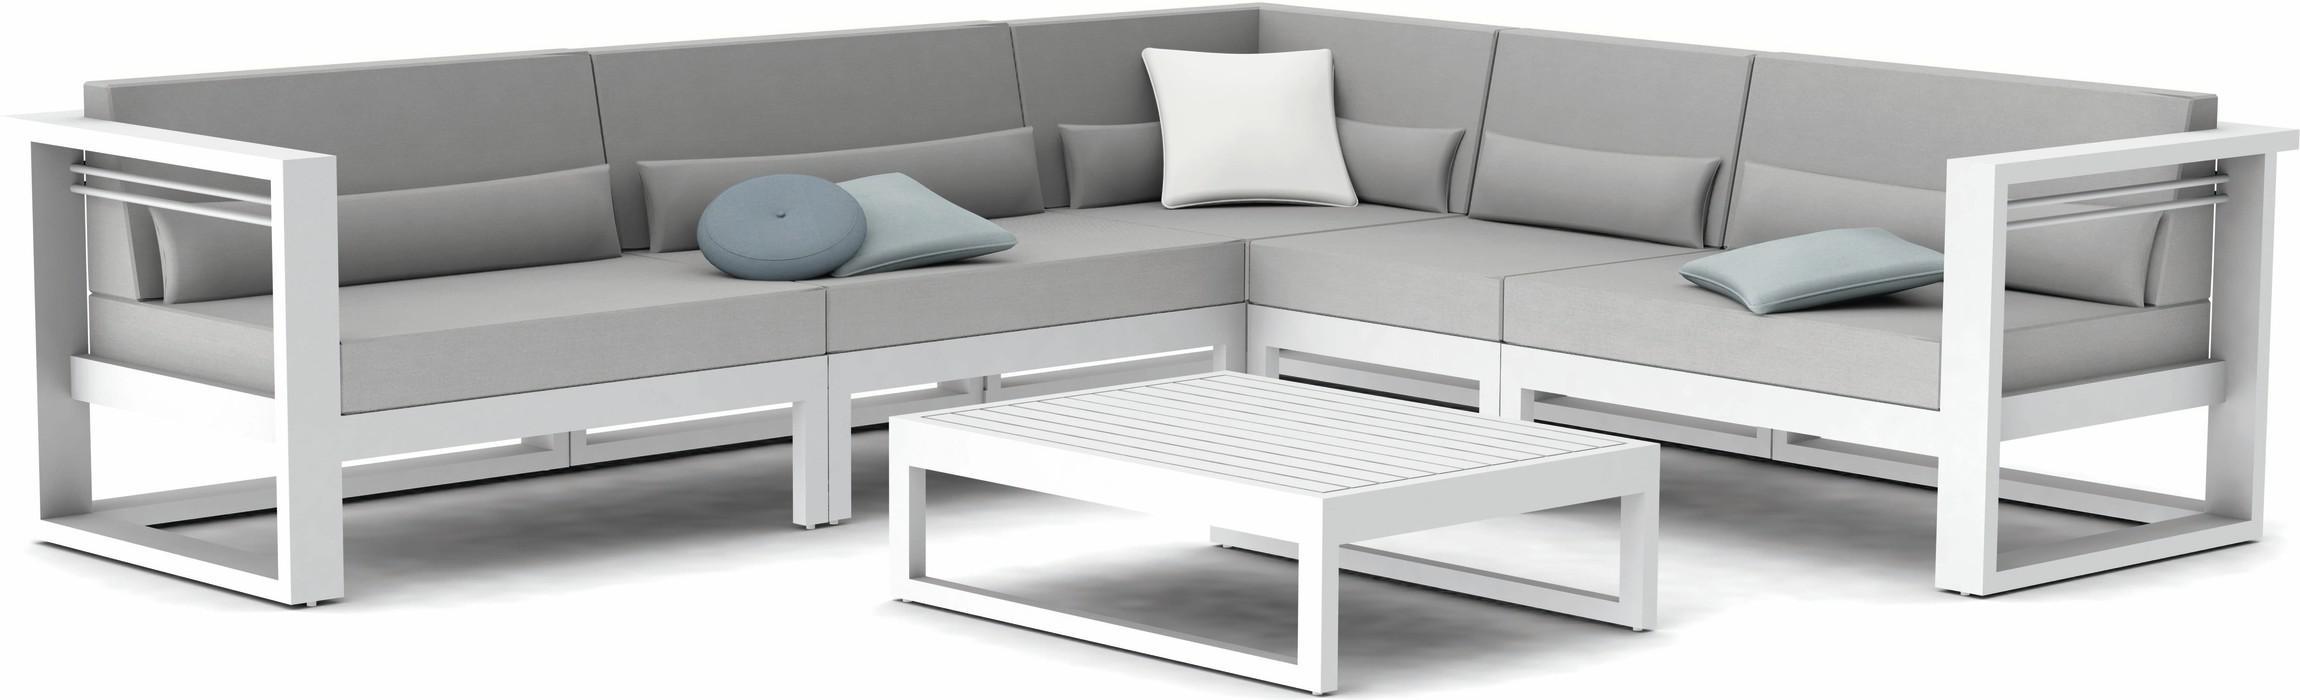 Fuse Concept 1 - wit - textiles white